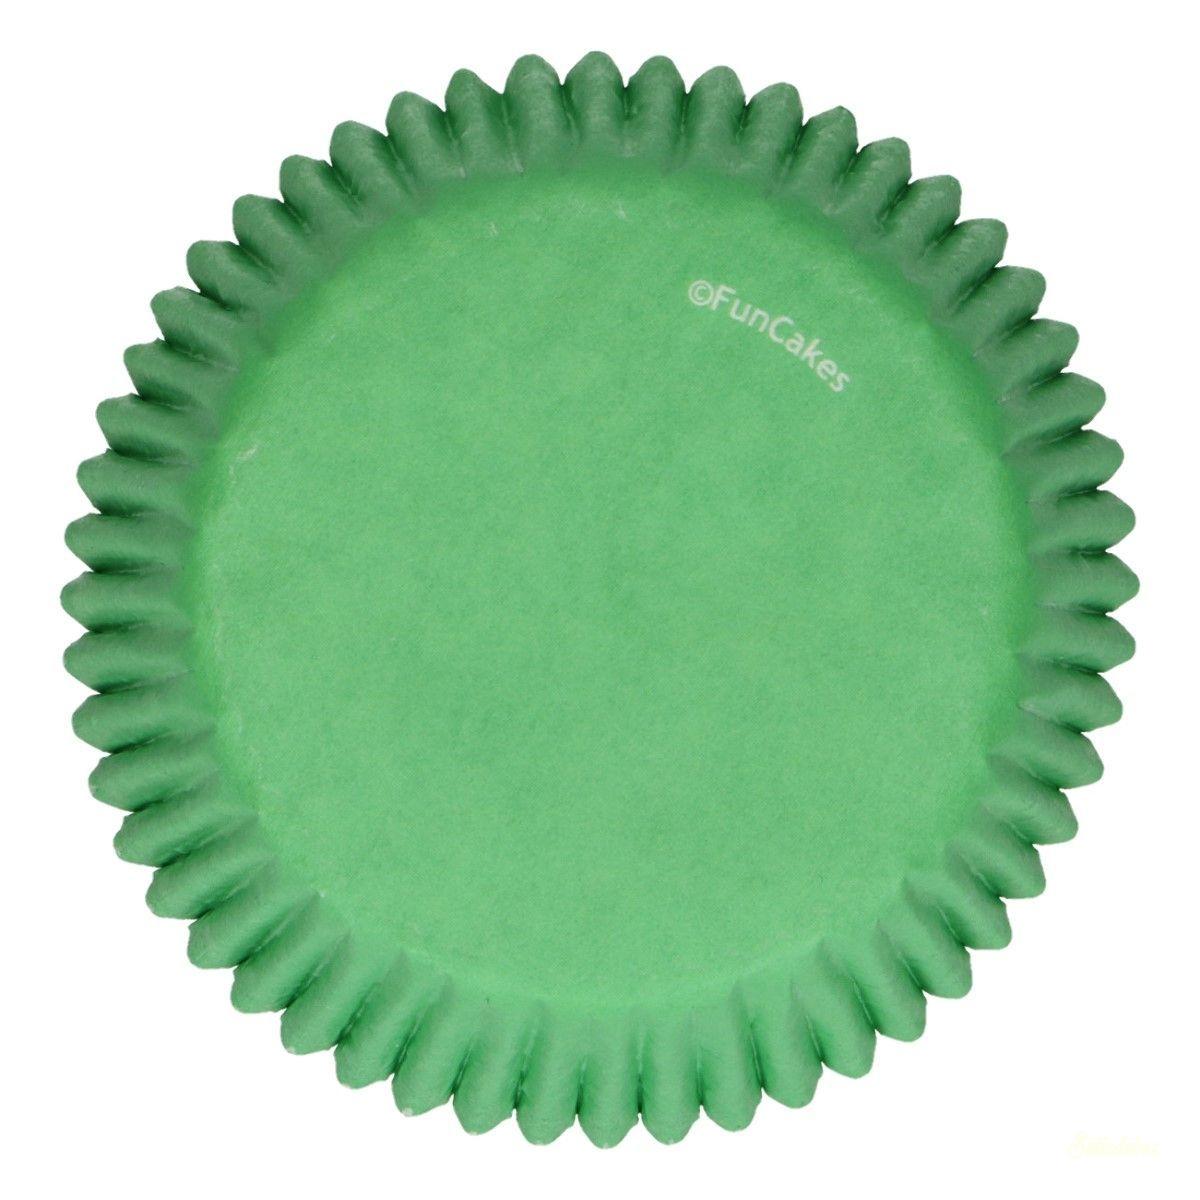 Funcakes muffinpapír 48db - Levélzöld